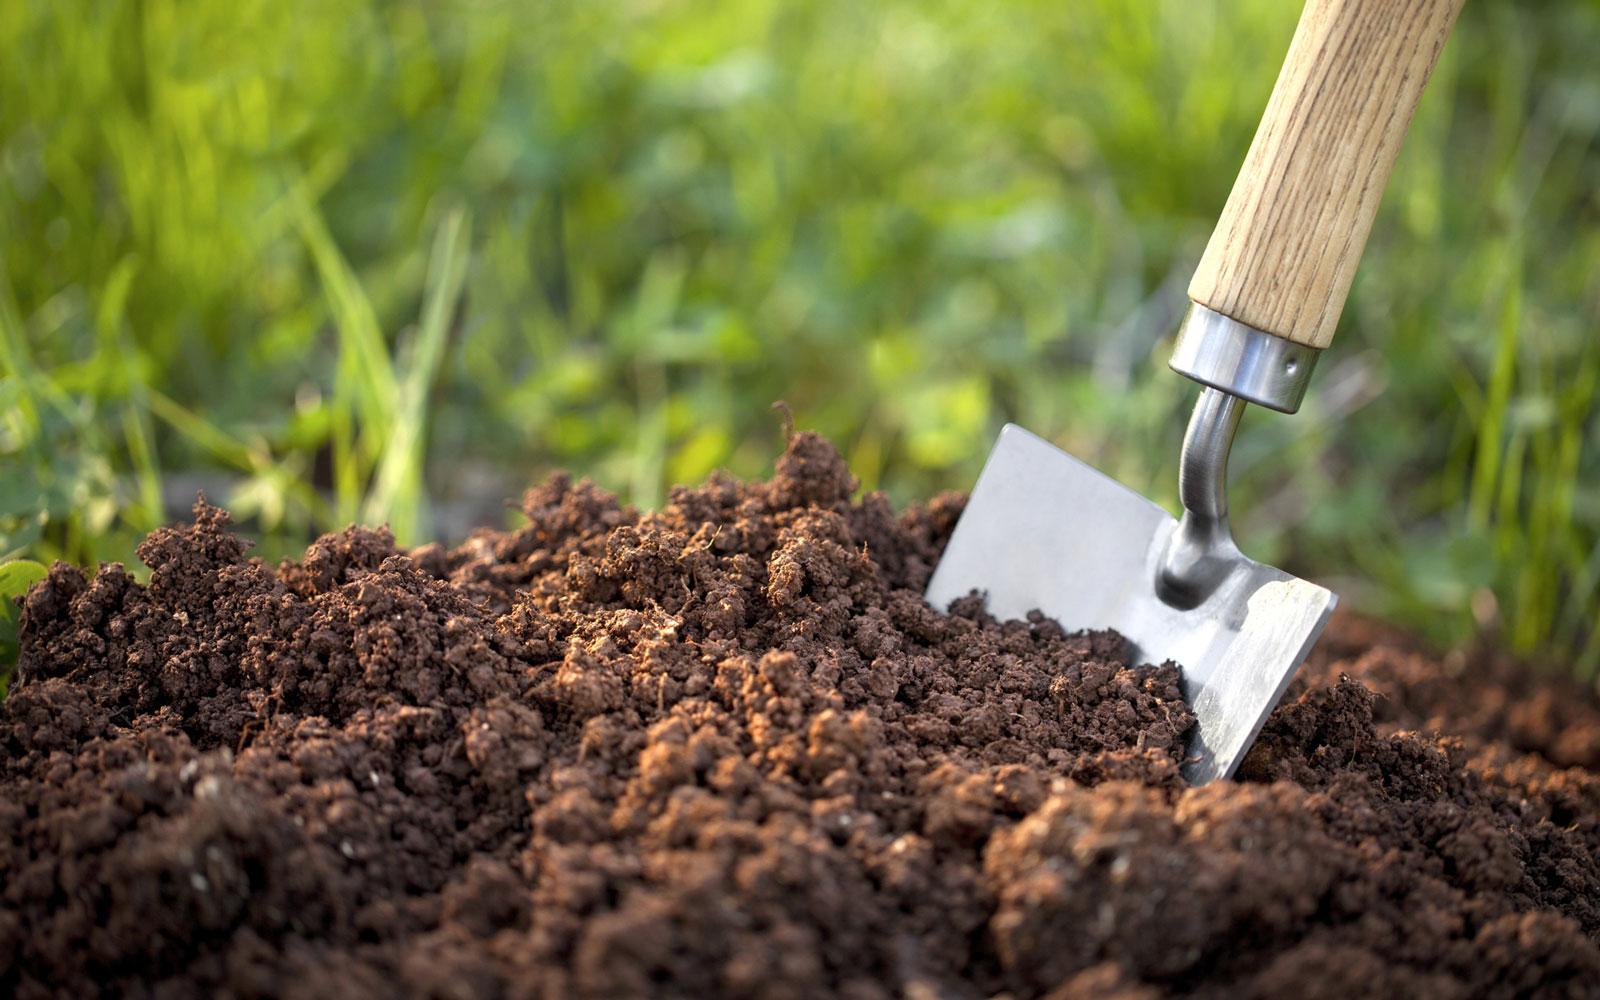 خاک چگونه به وجود می آید؟